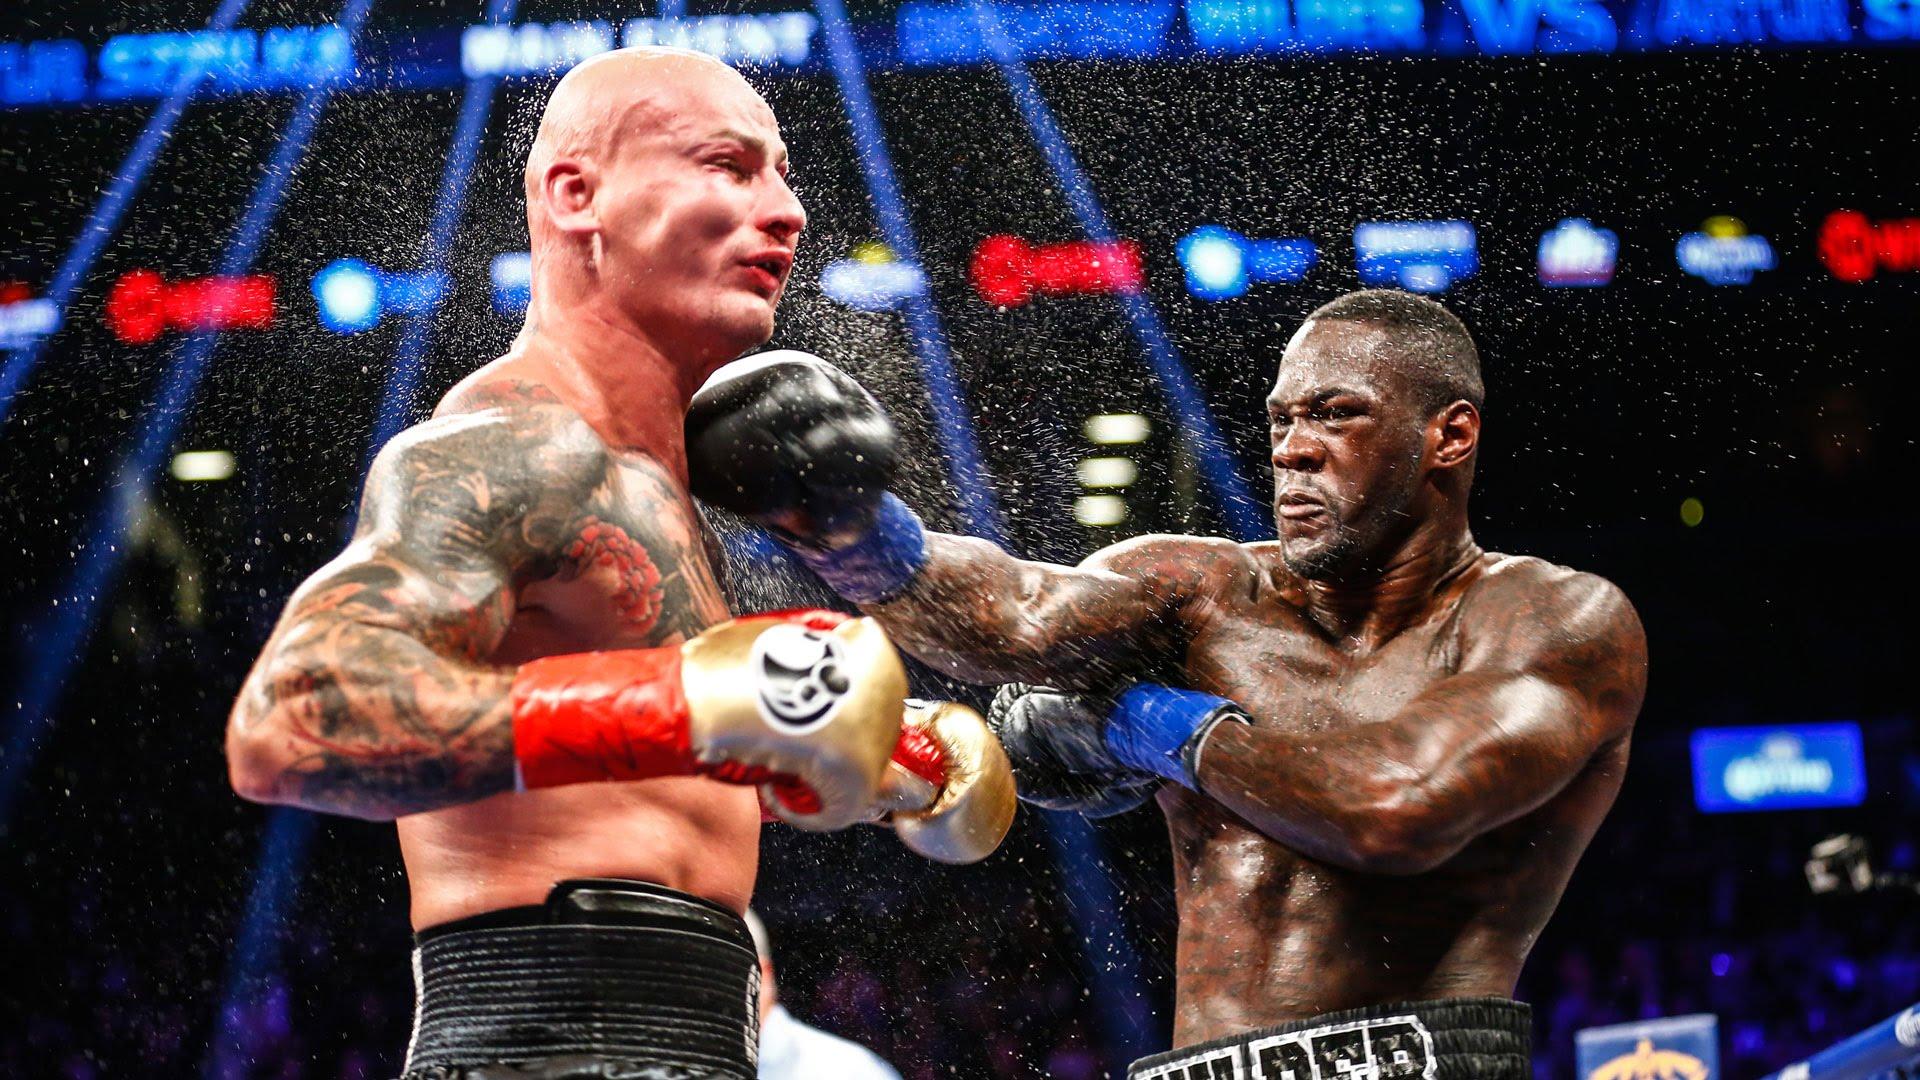 WATCH: Deontay Wilder vs. Artur Szpilka Full Fight | FIGHT SPORTS